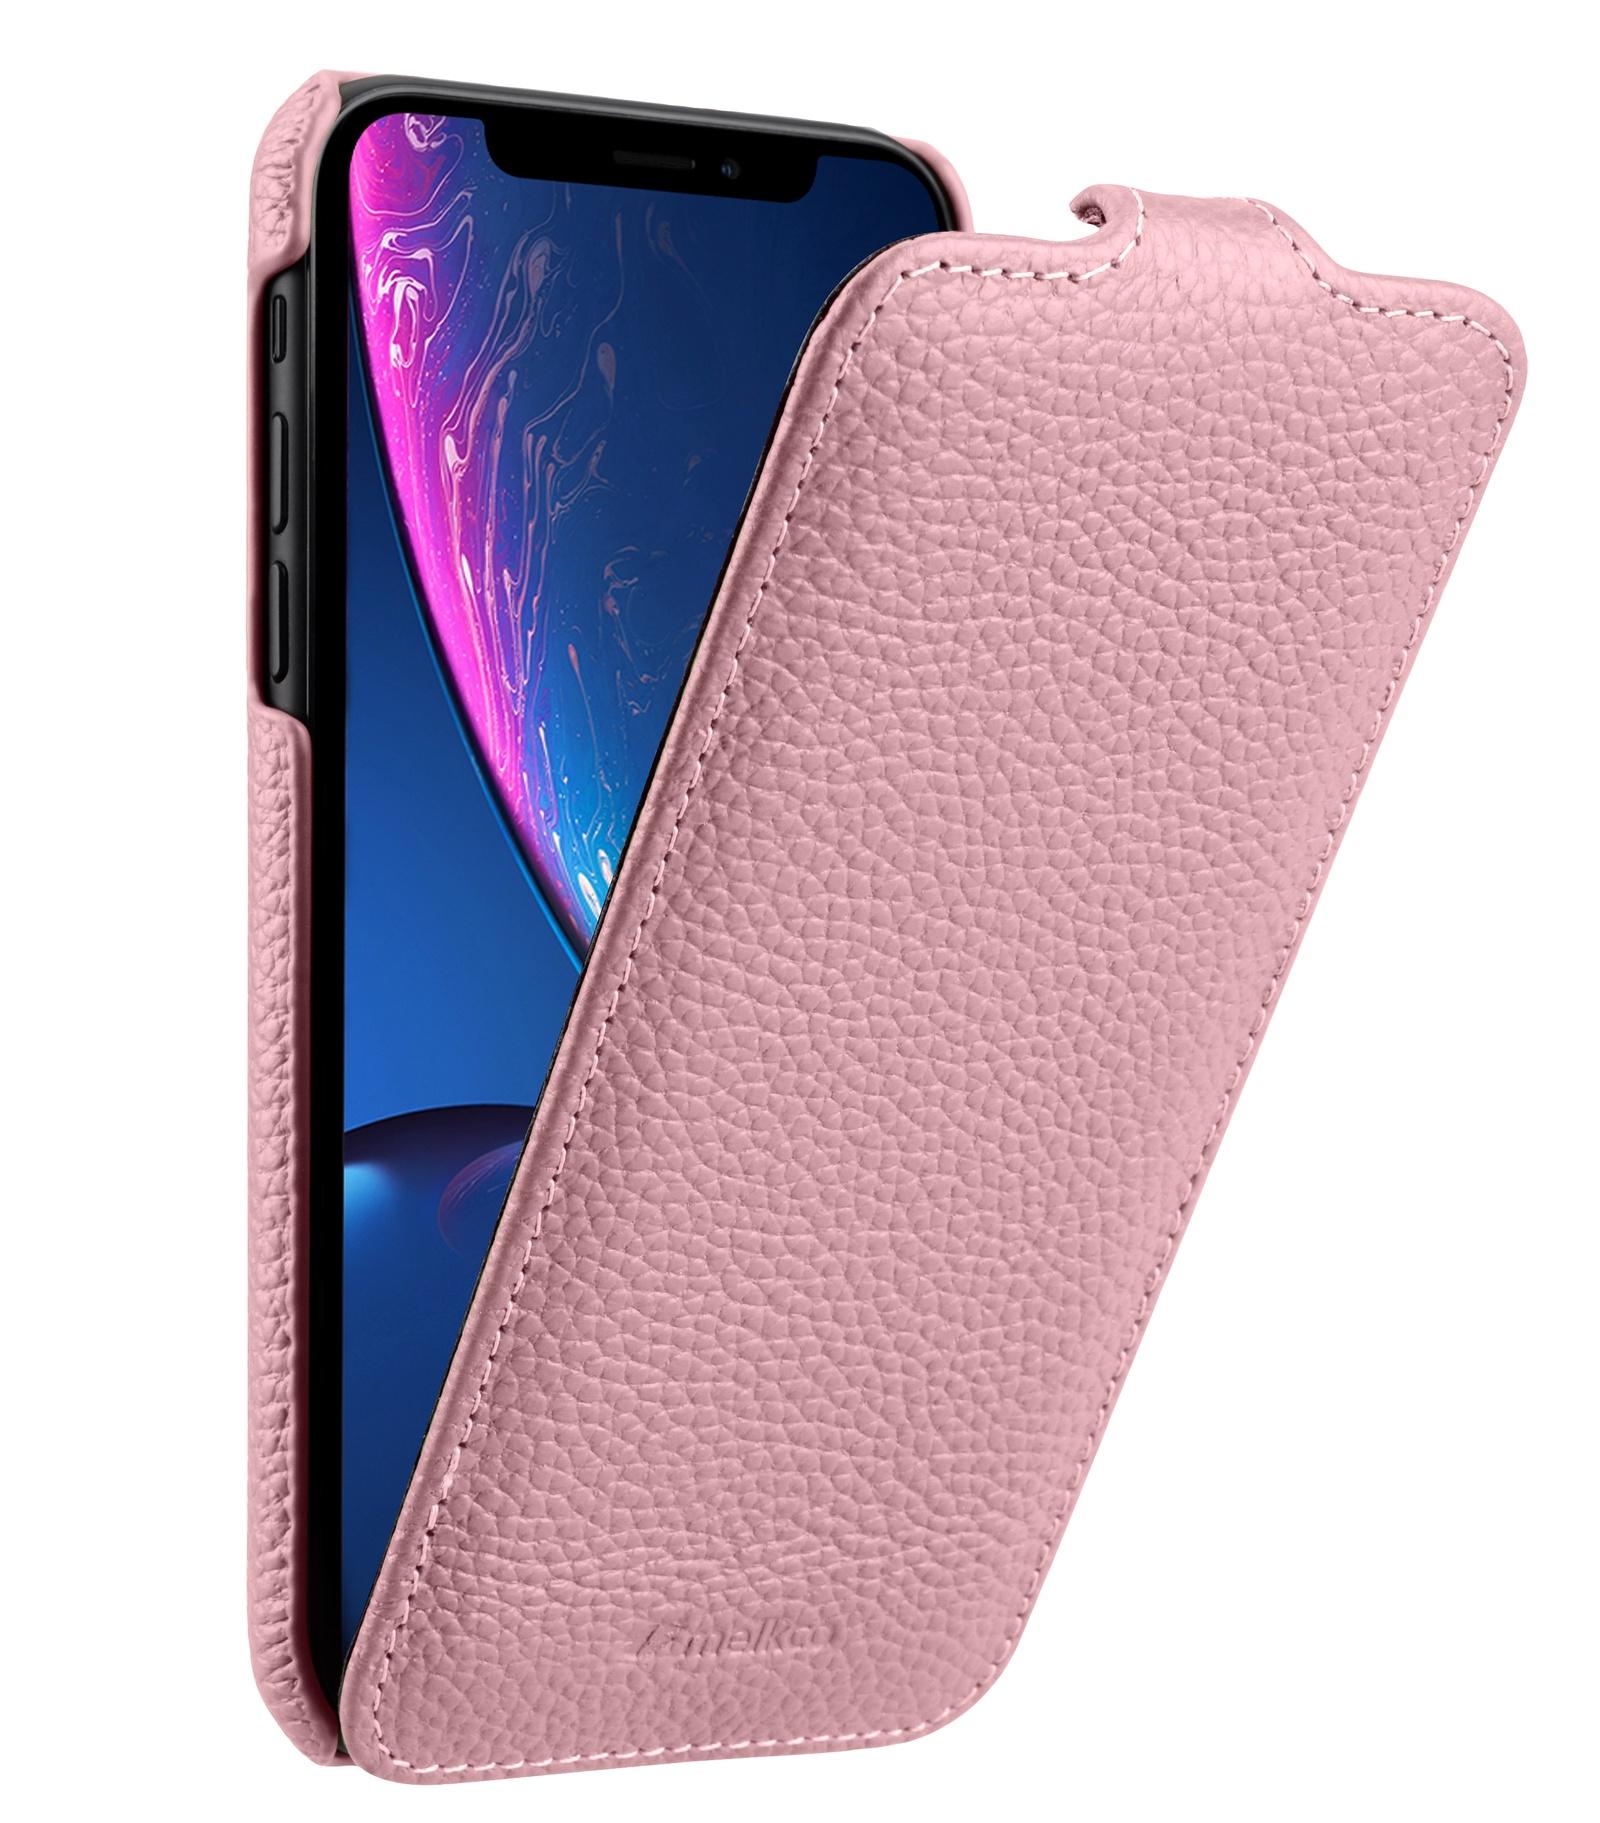 Чехол для сотового телефона Melkco Кожаный чехол флип для Apple iPhone XR - Jacka Type, розовый чехол для сотового телефона melkco кожаный чехол флип для apple iphone x xs jacka type сиреневый